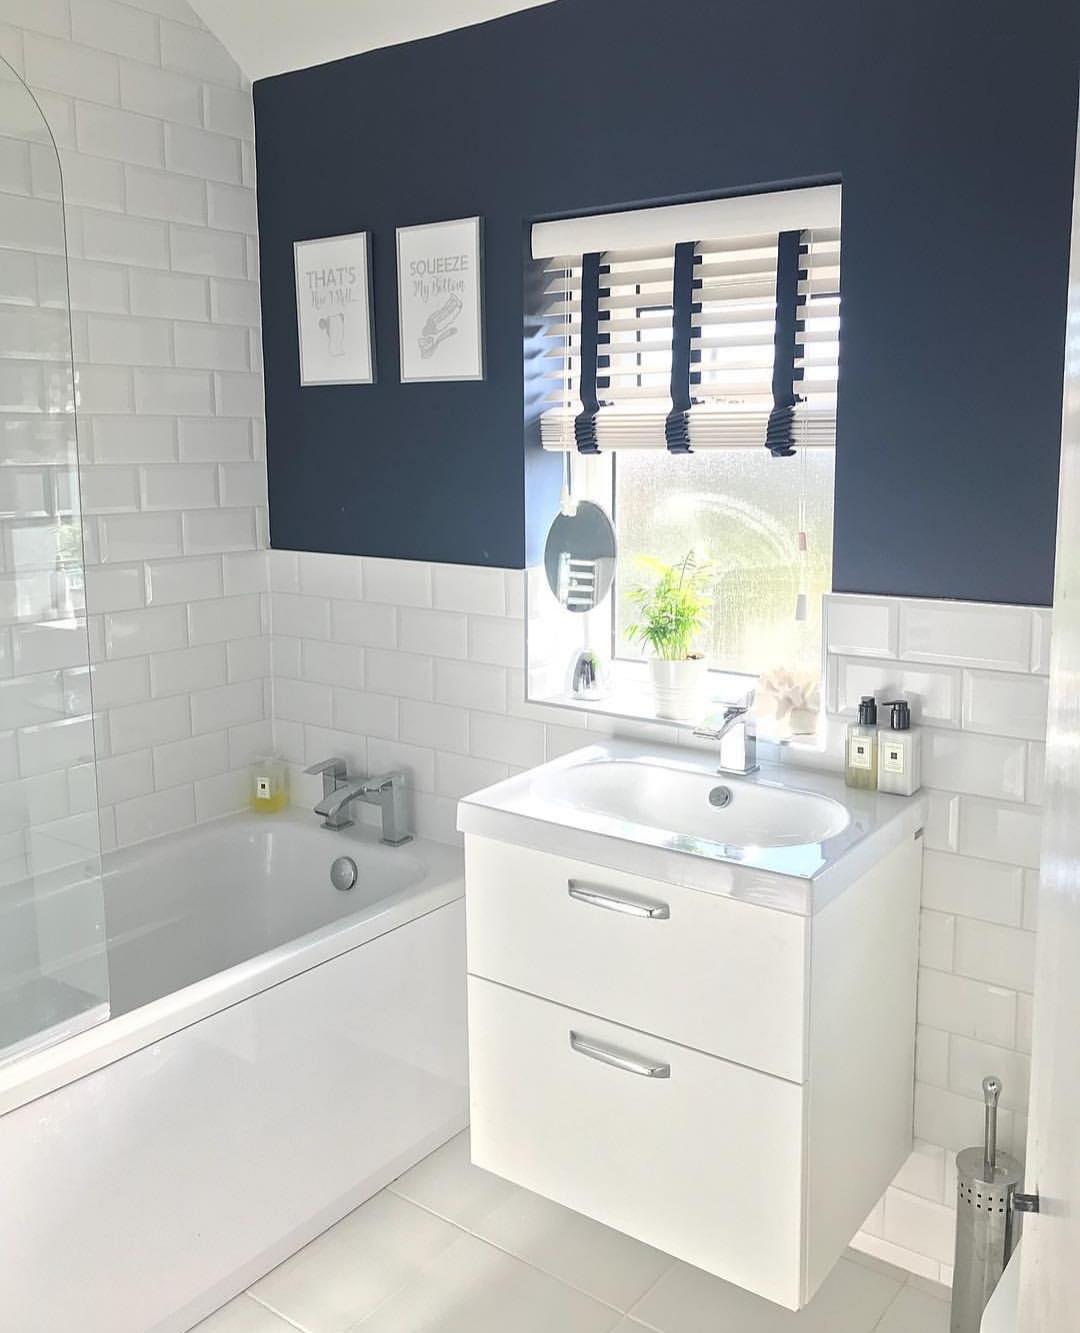 Cortina persiana: banheiro estiloso